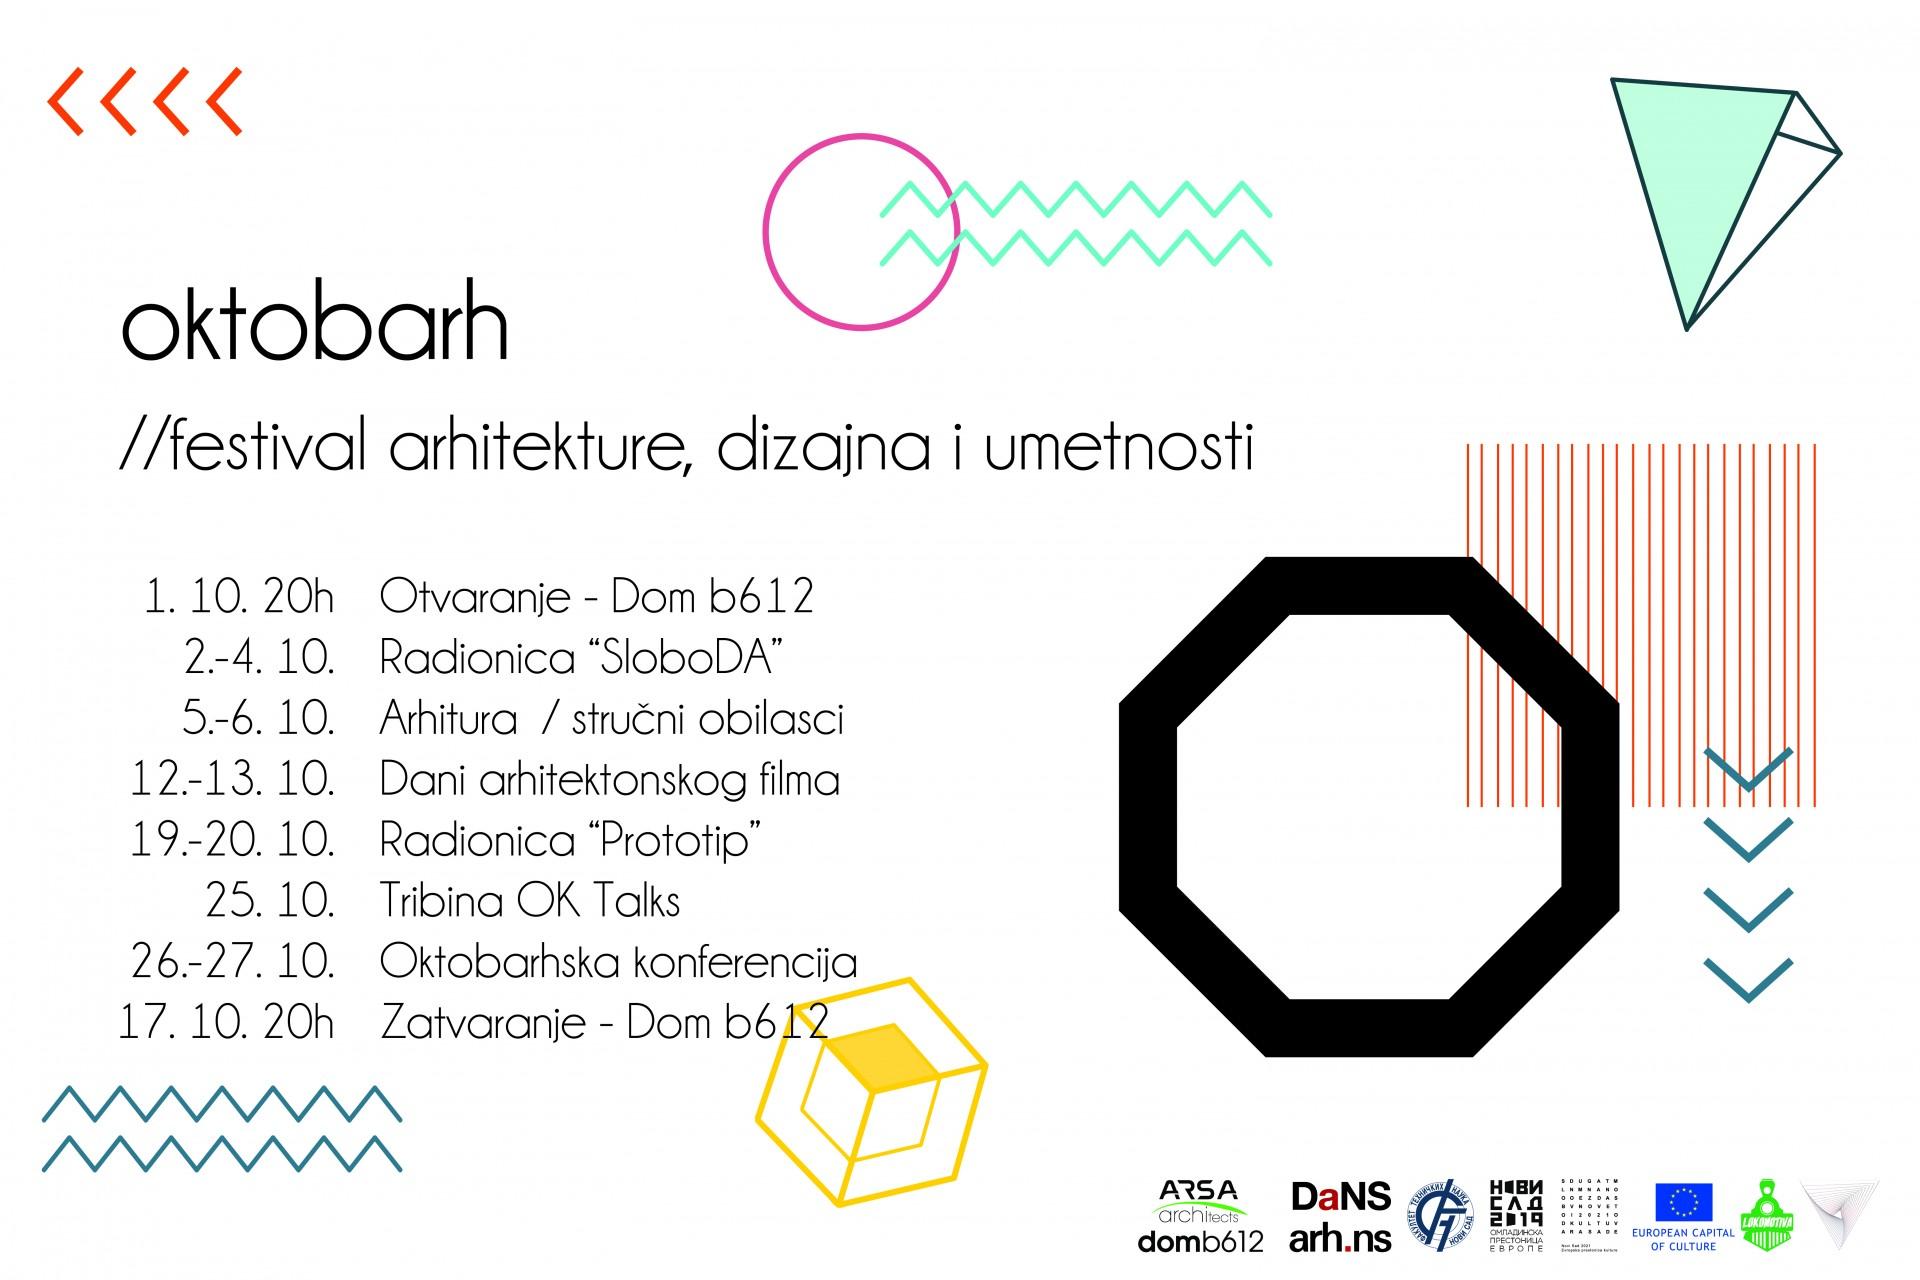 Серија догађаја: Октобарх – Нови Сад, октобар 2019.